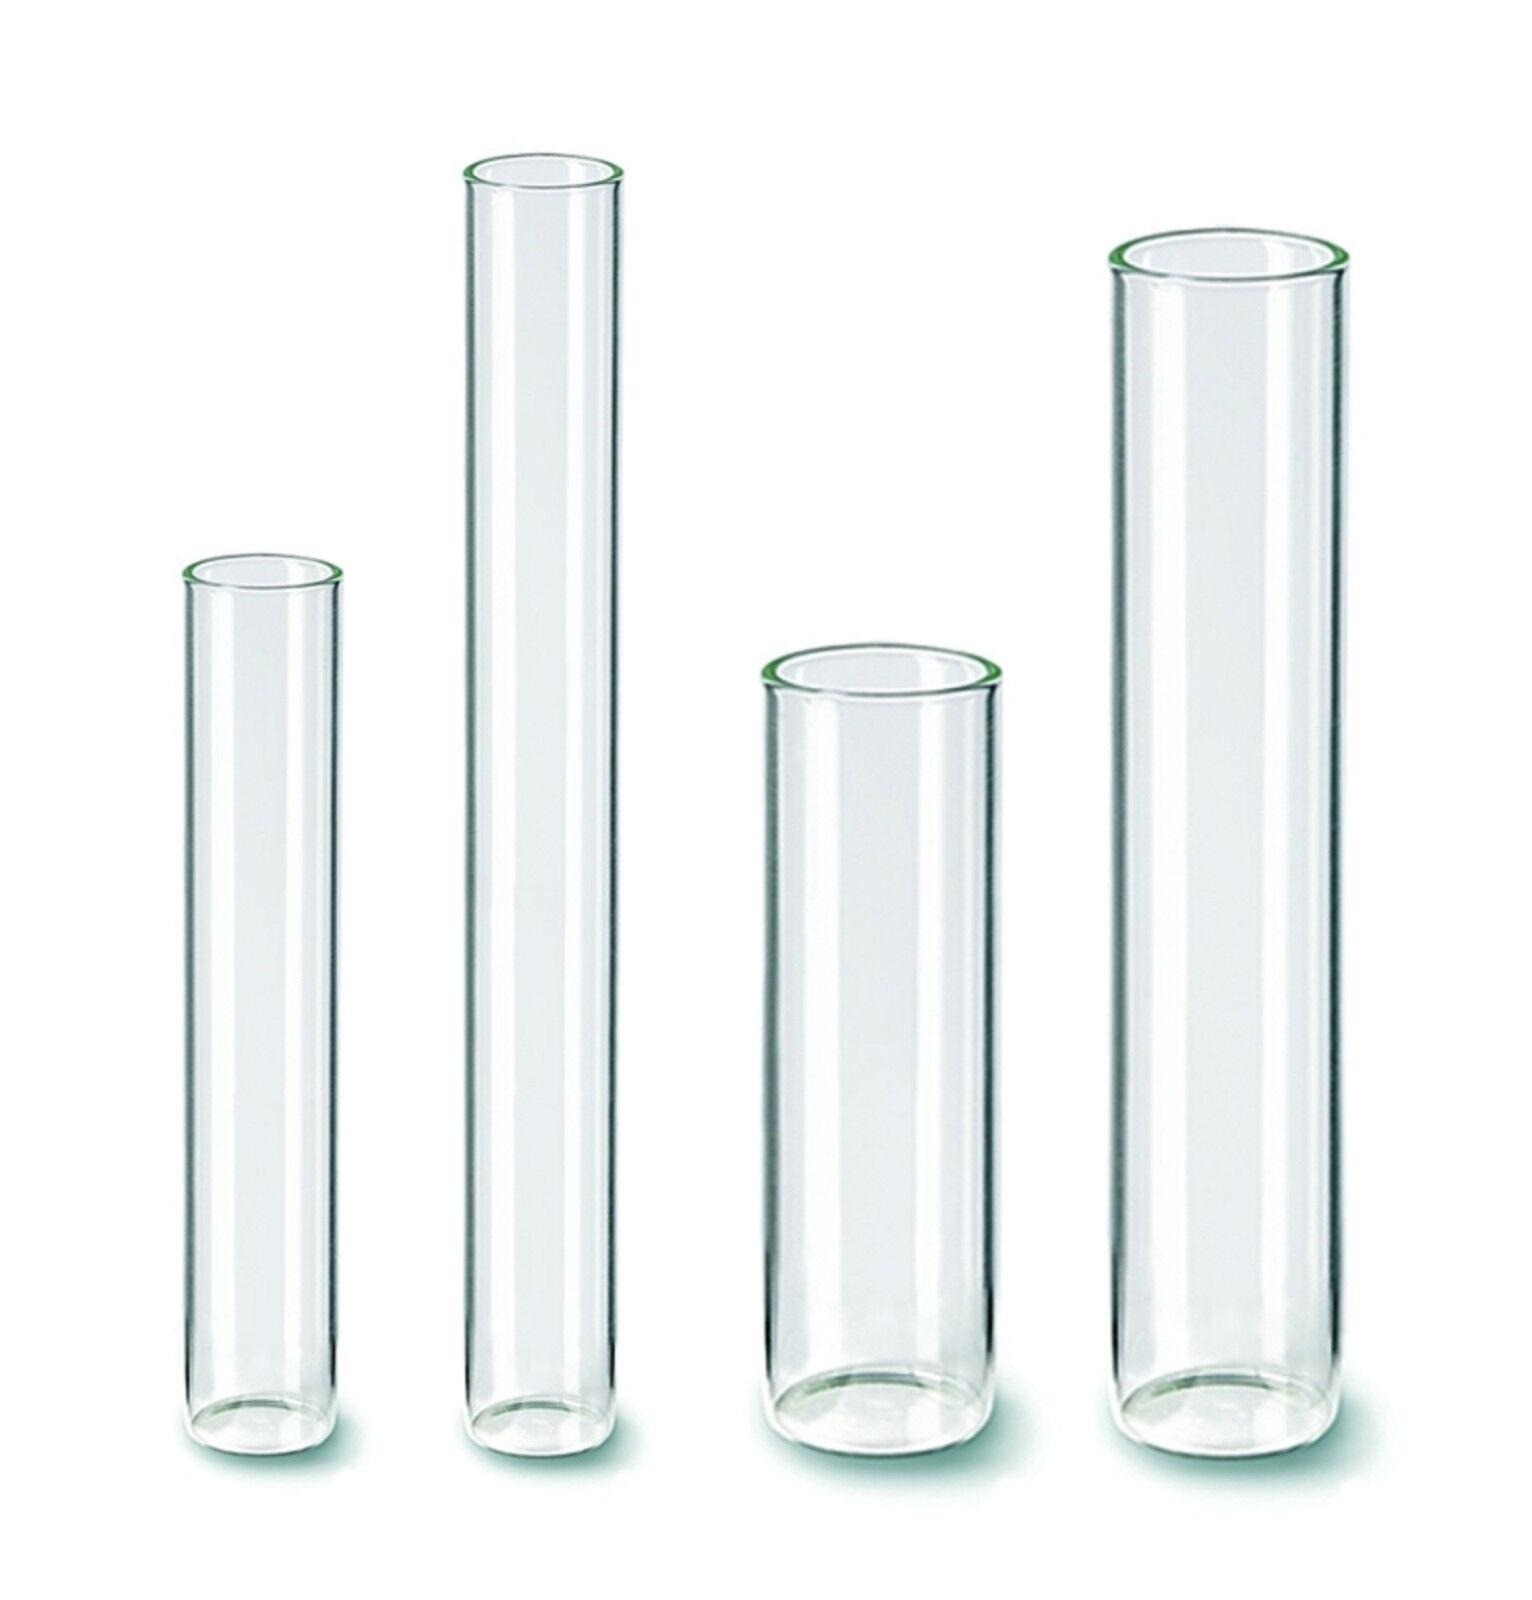 Reagenzglas mit Flachboden Glaszylinder Glasbehälter Glasvase Zylinderglas